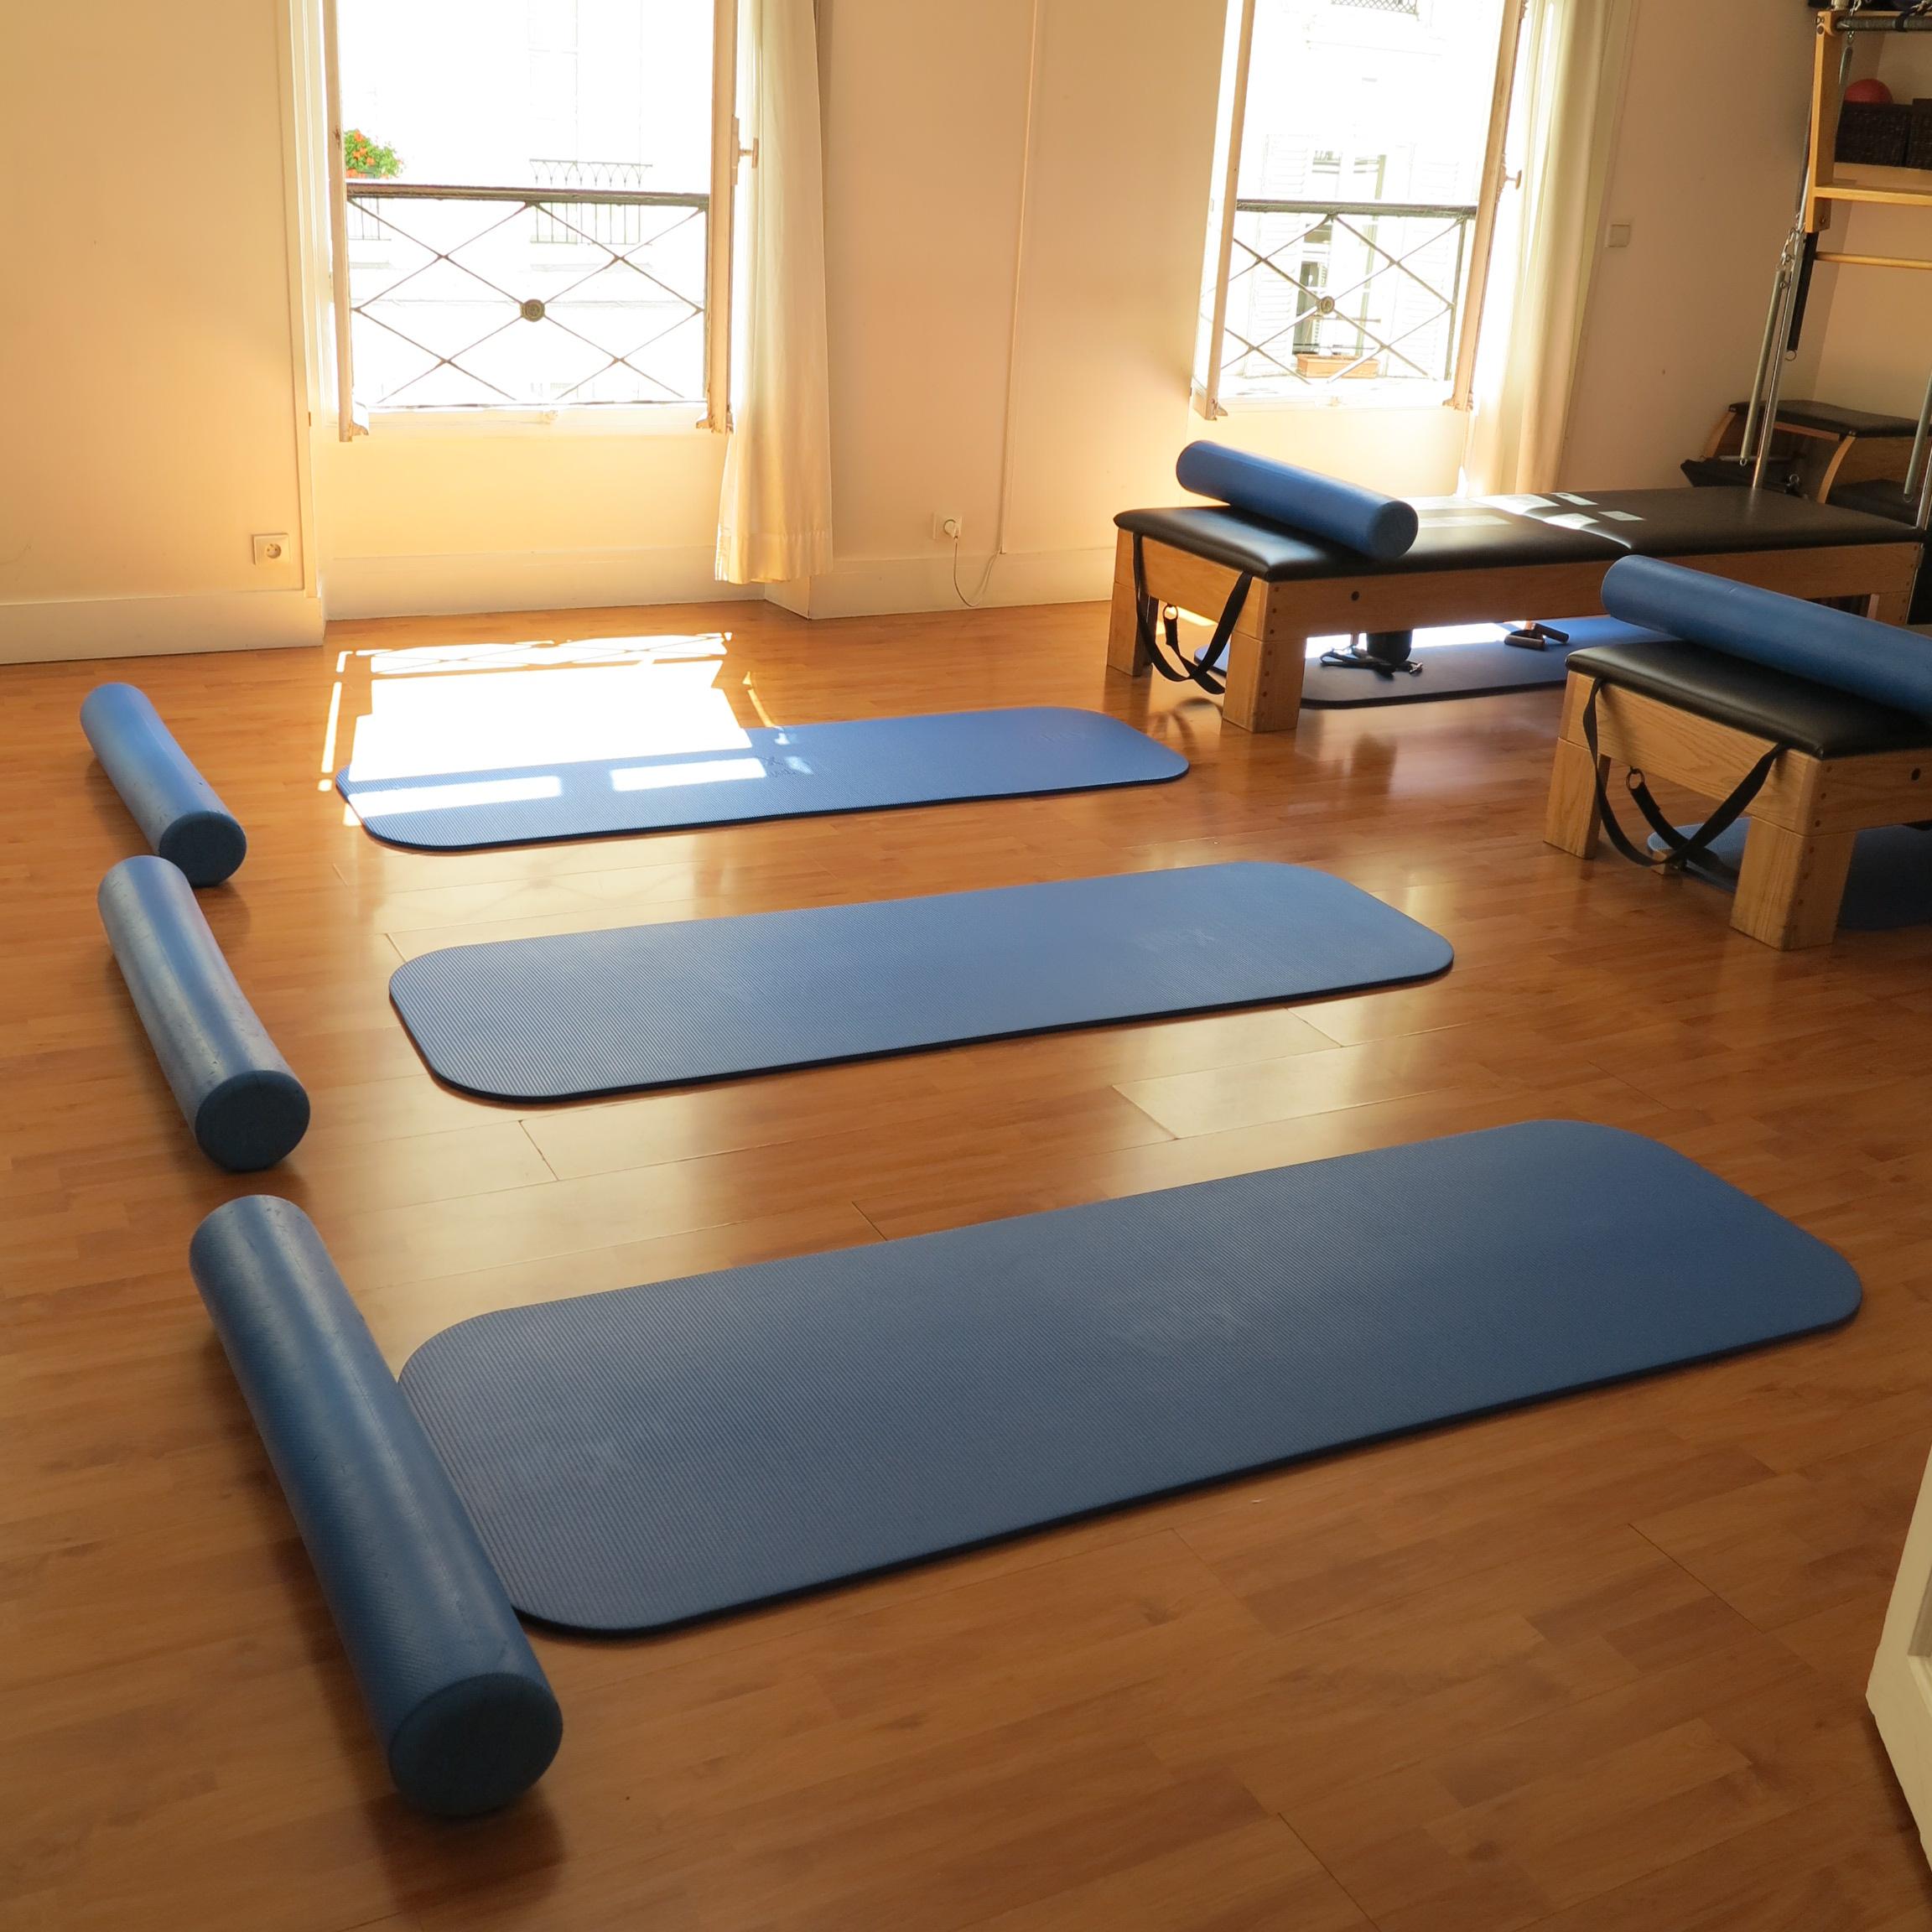 Salle 1 du studio keana la méthode pilates